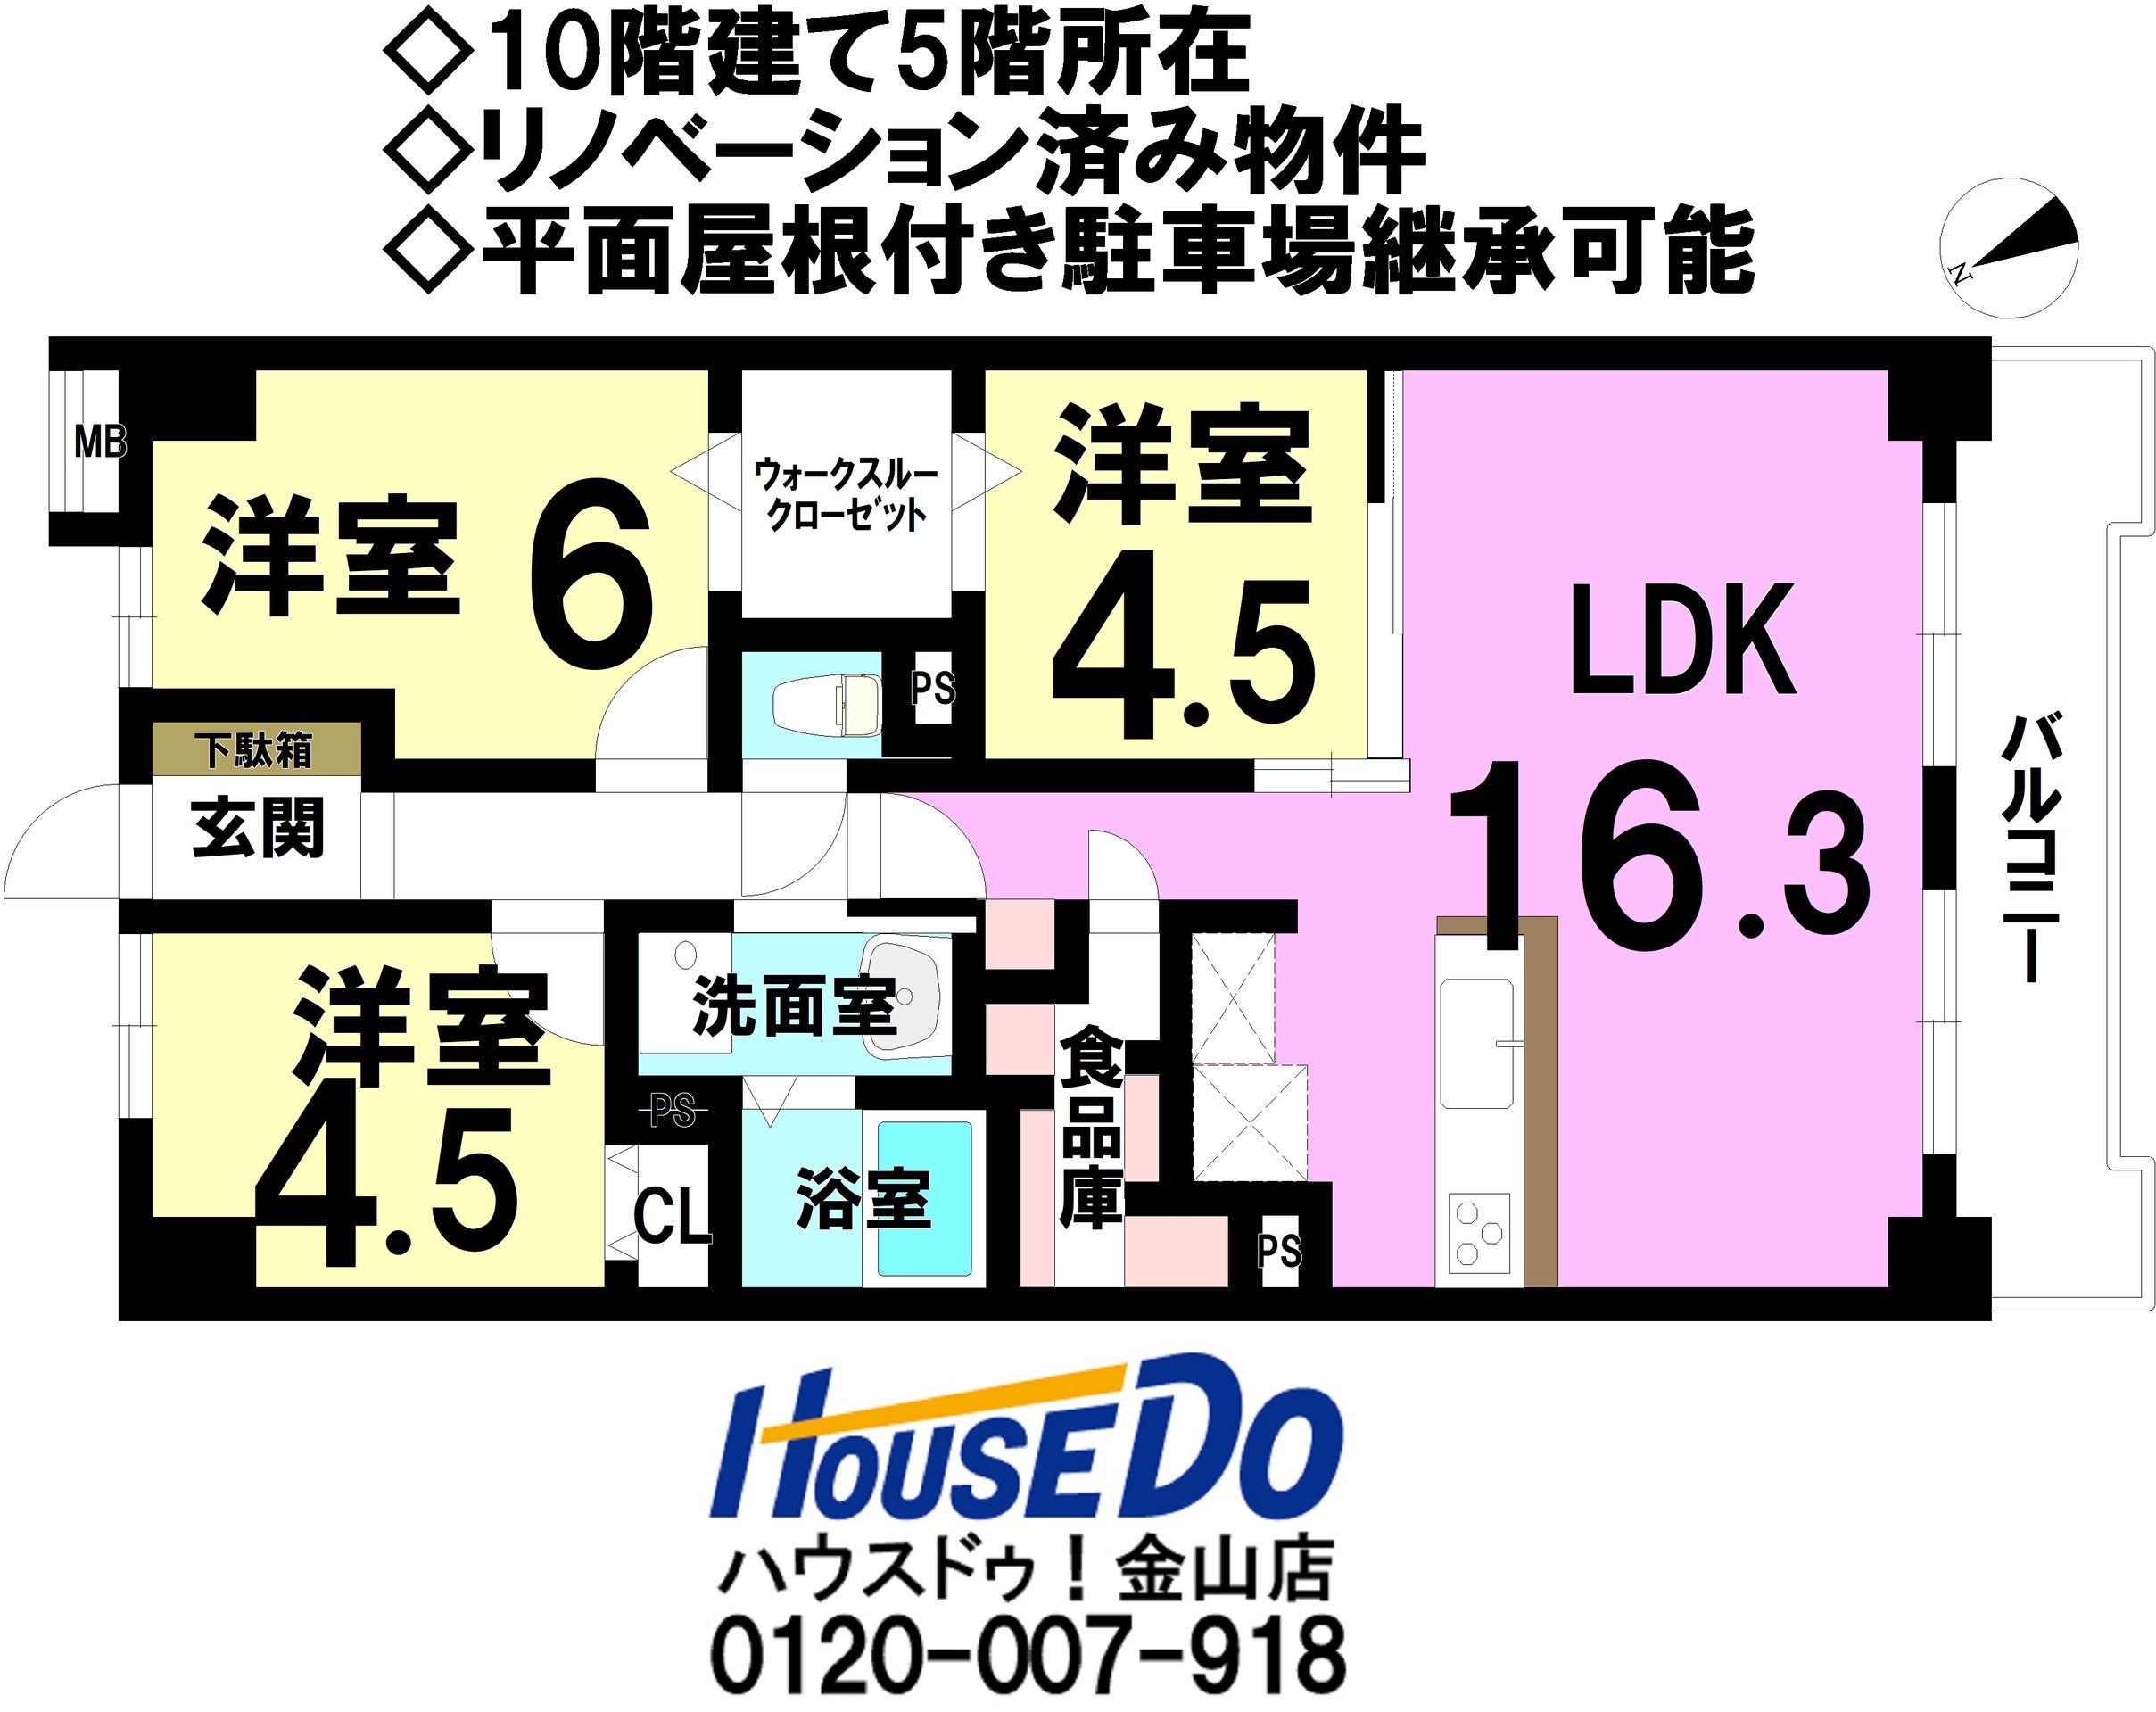 【間取り】 収納が豊富で使いやすい間取りです! 10階建て5階所在!